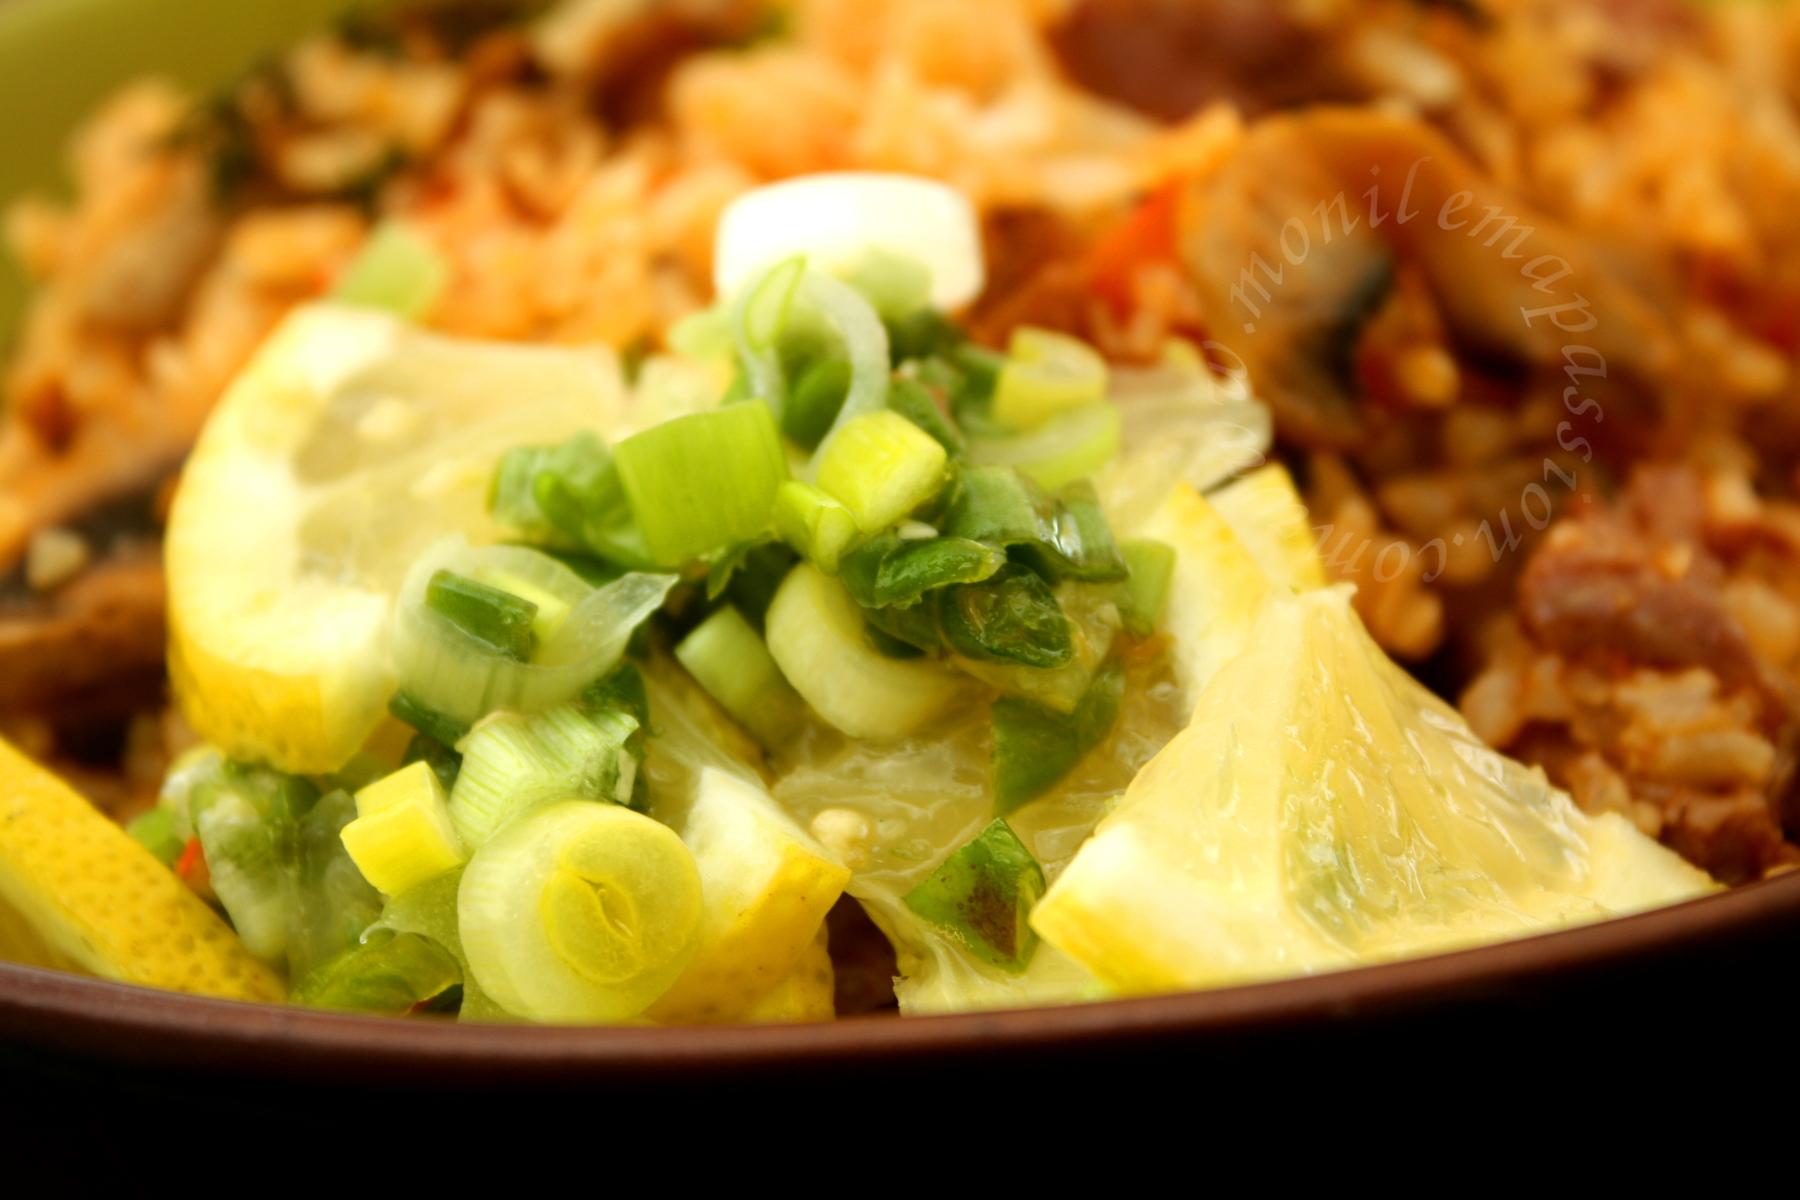 Riz chauffé aux gésiers de poulet – Chicken Gizzards stir-fried rice